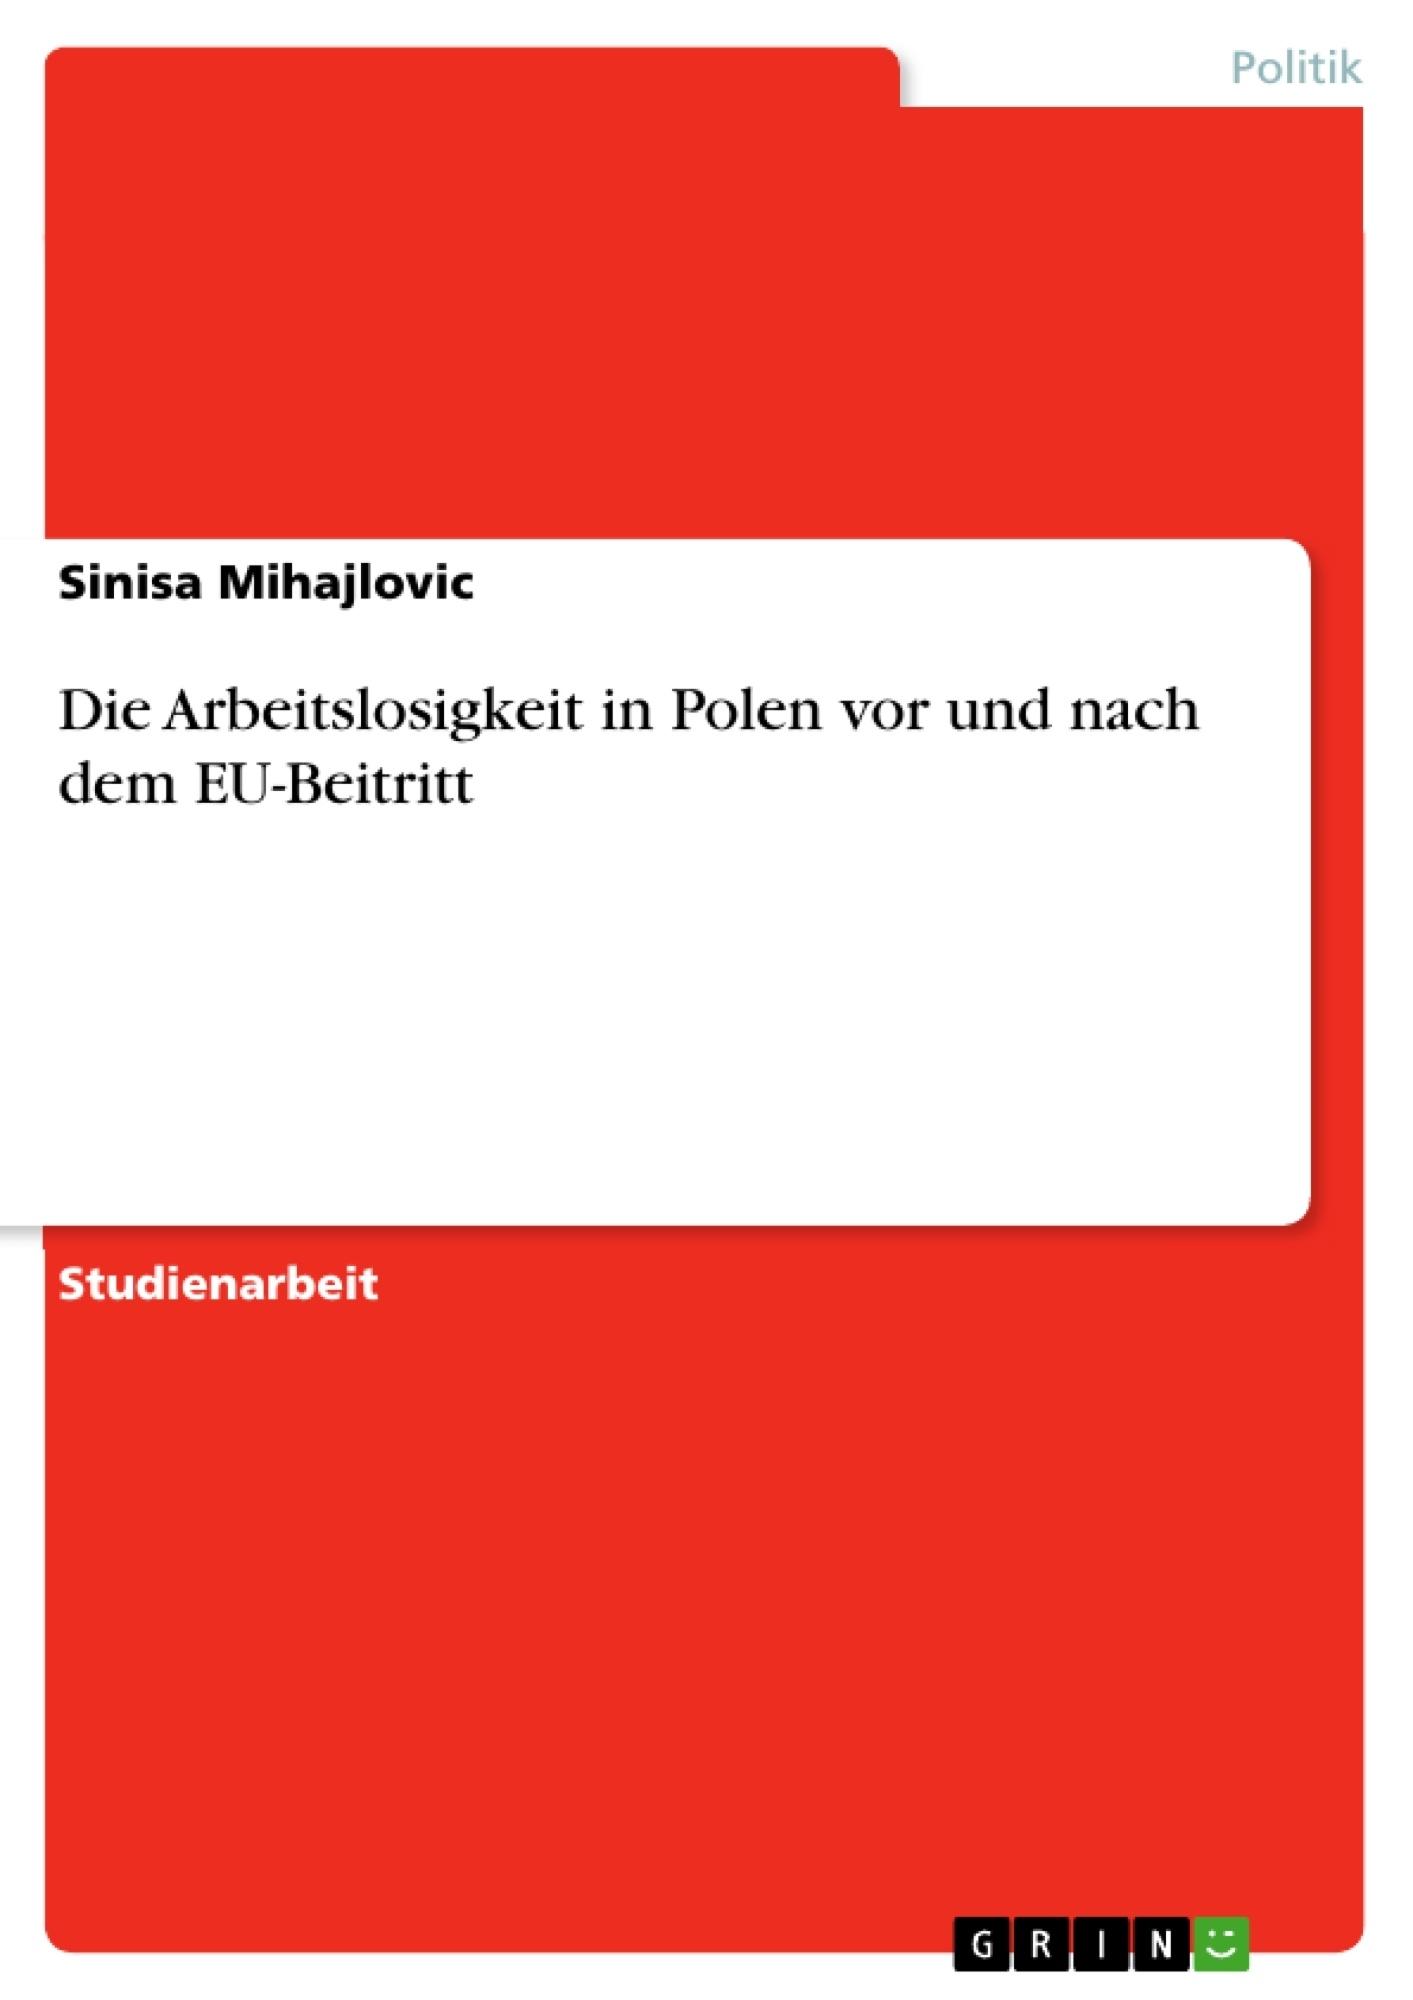 Titel: Die Arbeitslosigkeit in Polen vor und nach dem EU-Beitritt